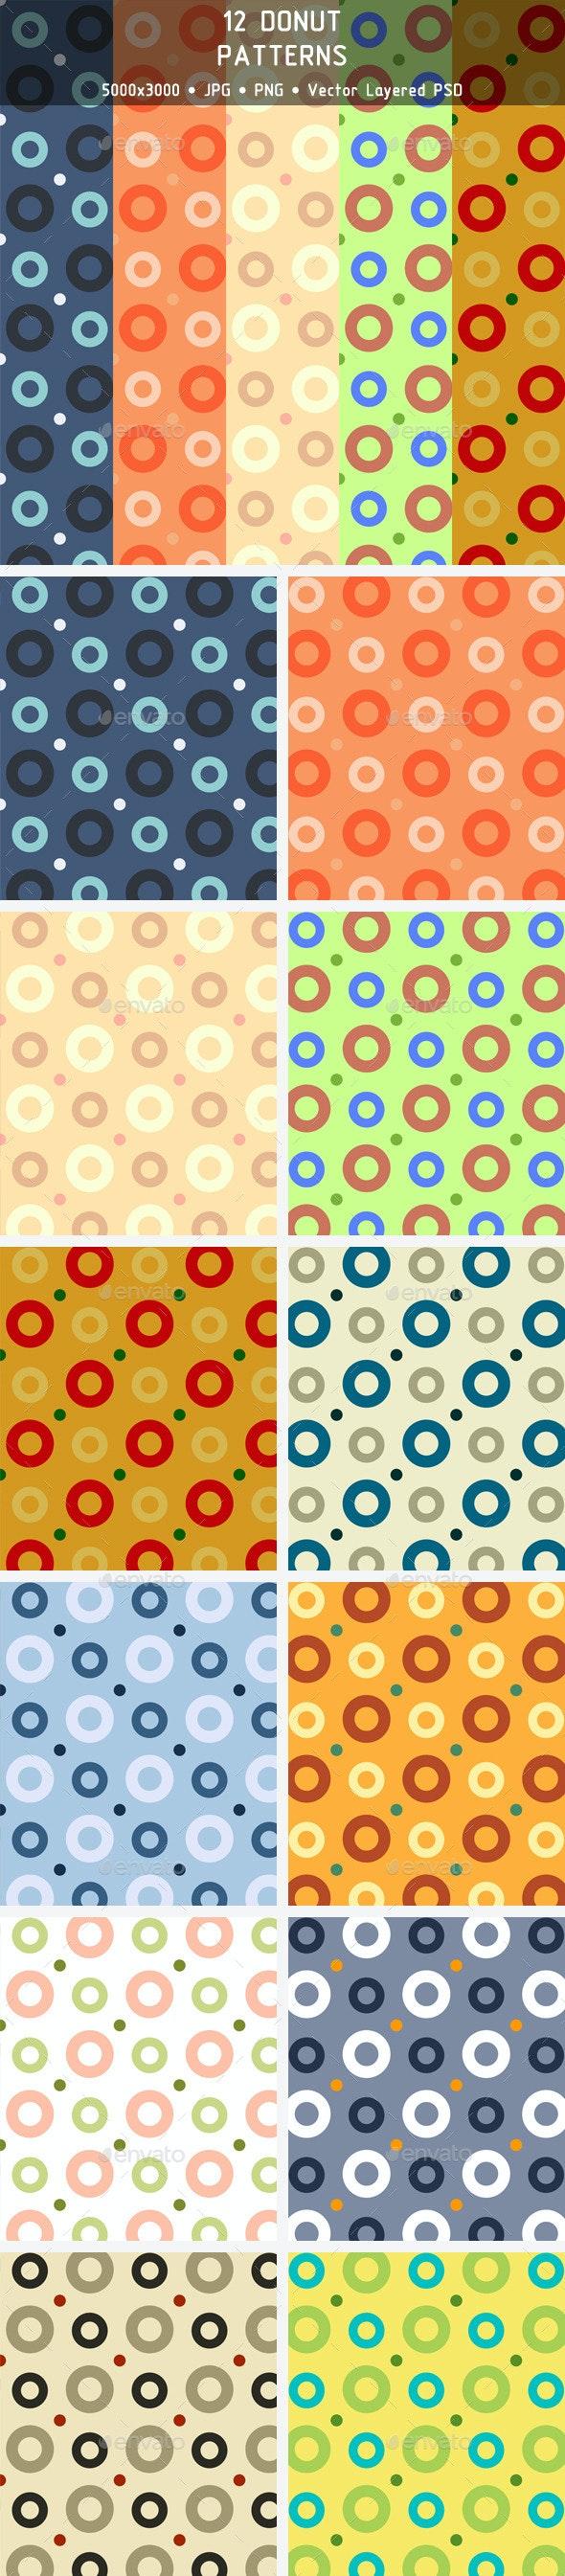 12 Donut Patterns - Patterns Backgrounds